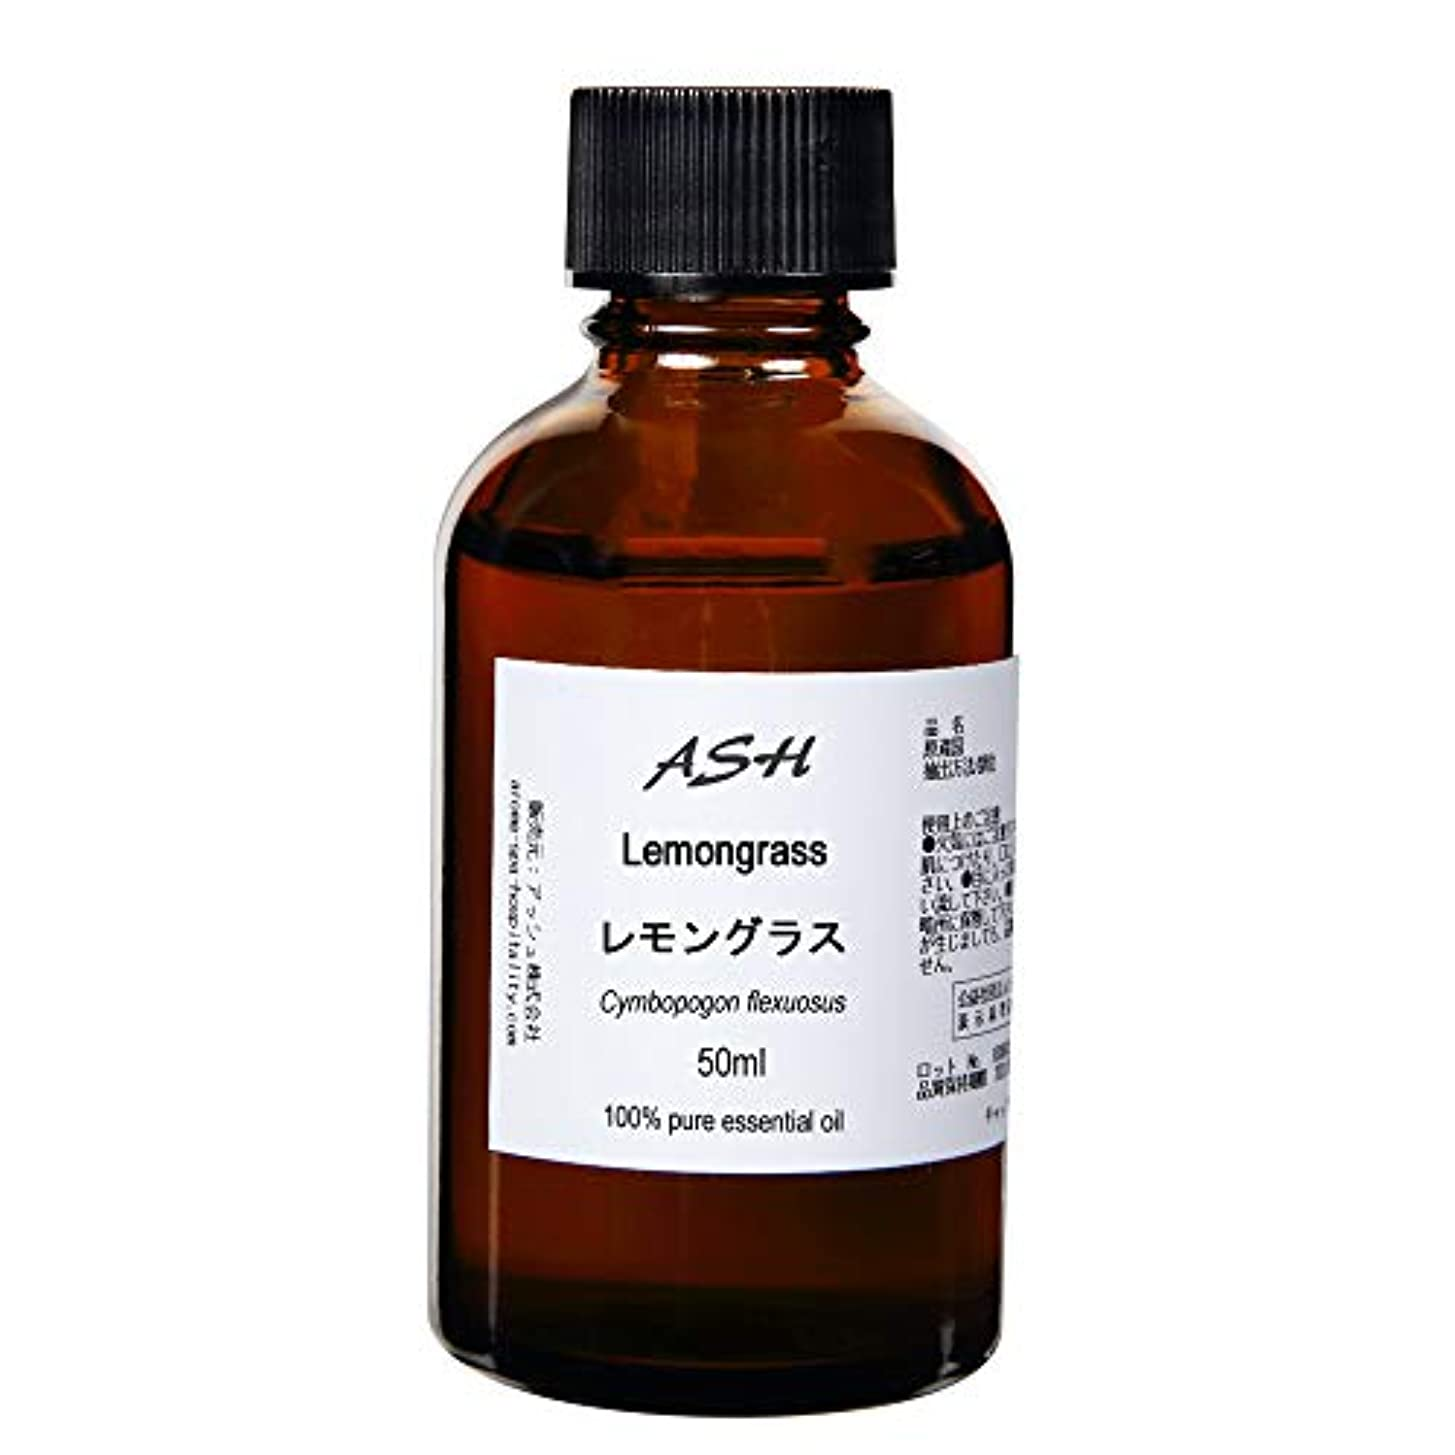 ラメ政策空中ASH レモングラス エッセンシャルオイル 50ml AEAJ表示基準適合認定精油